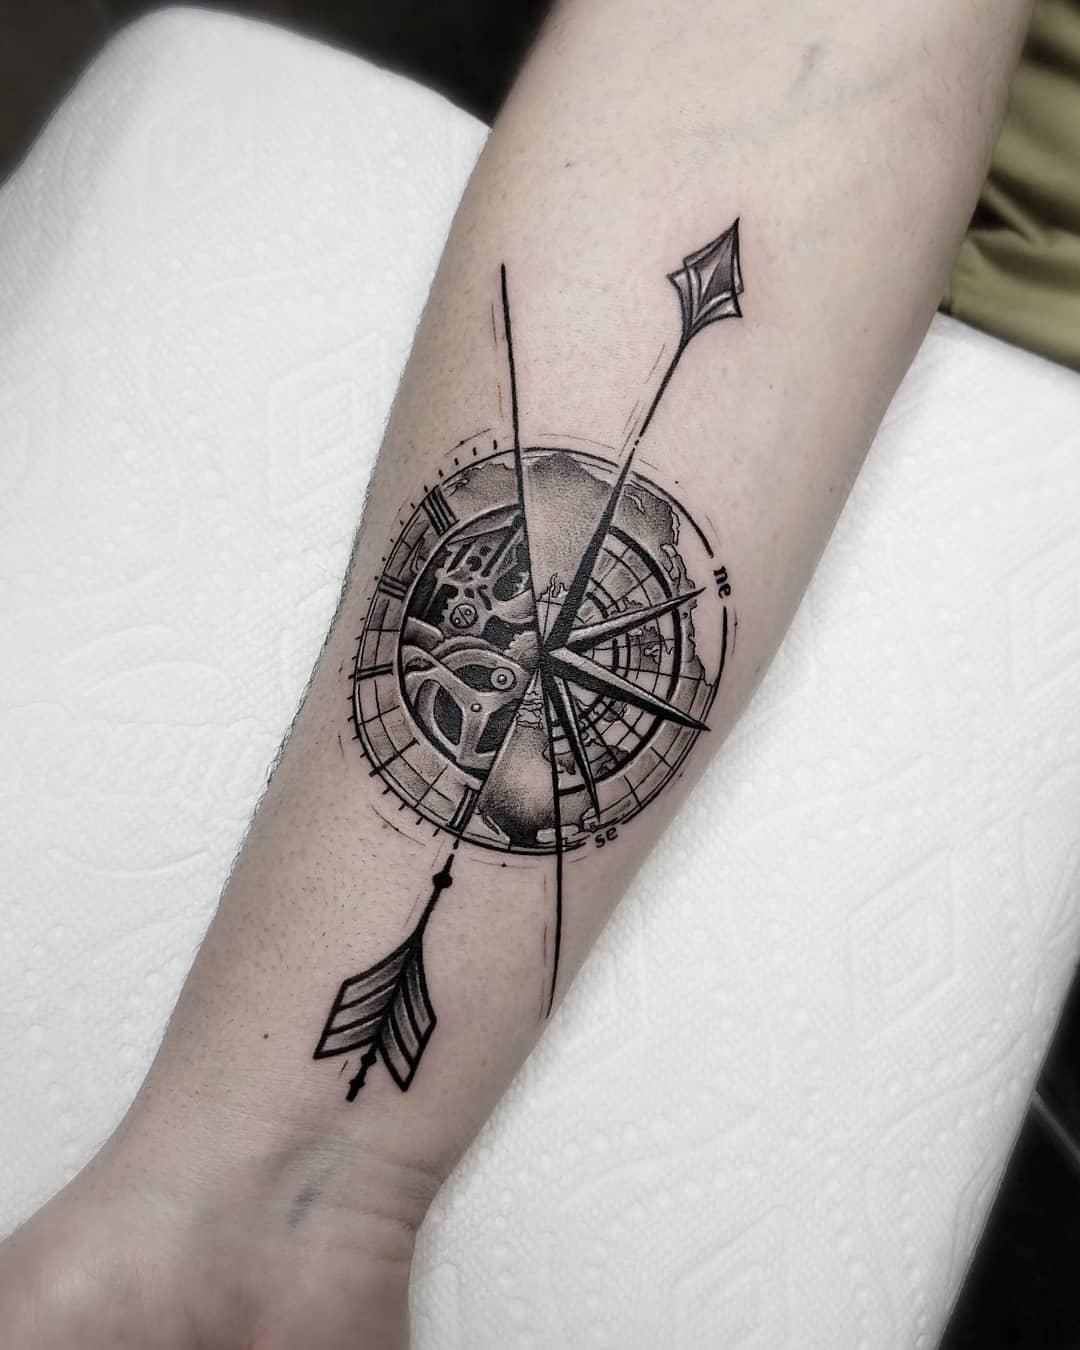 Татуировка Часы и Роза Ветров на Руке